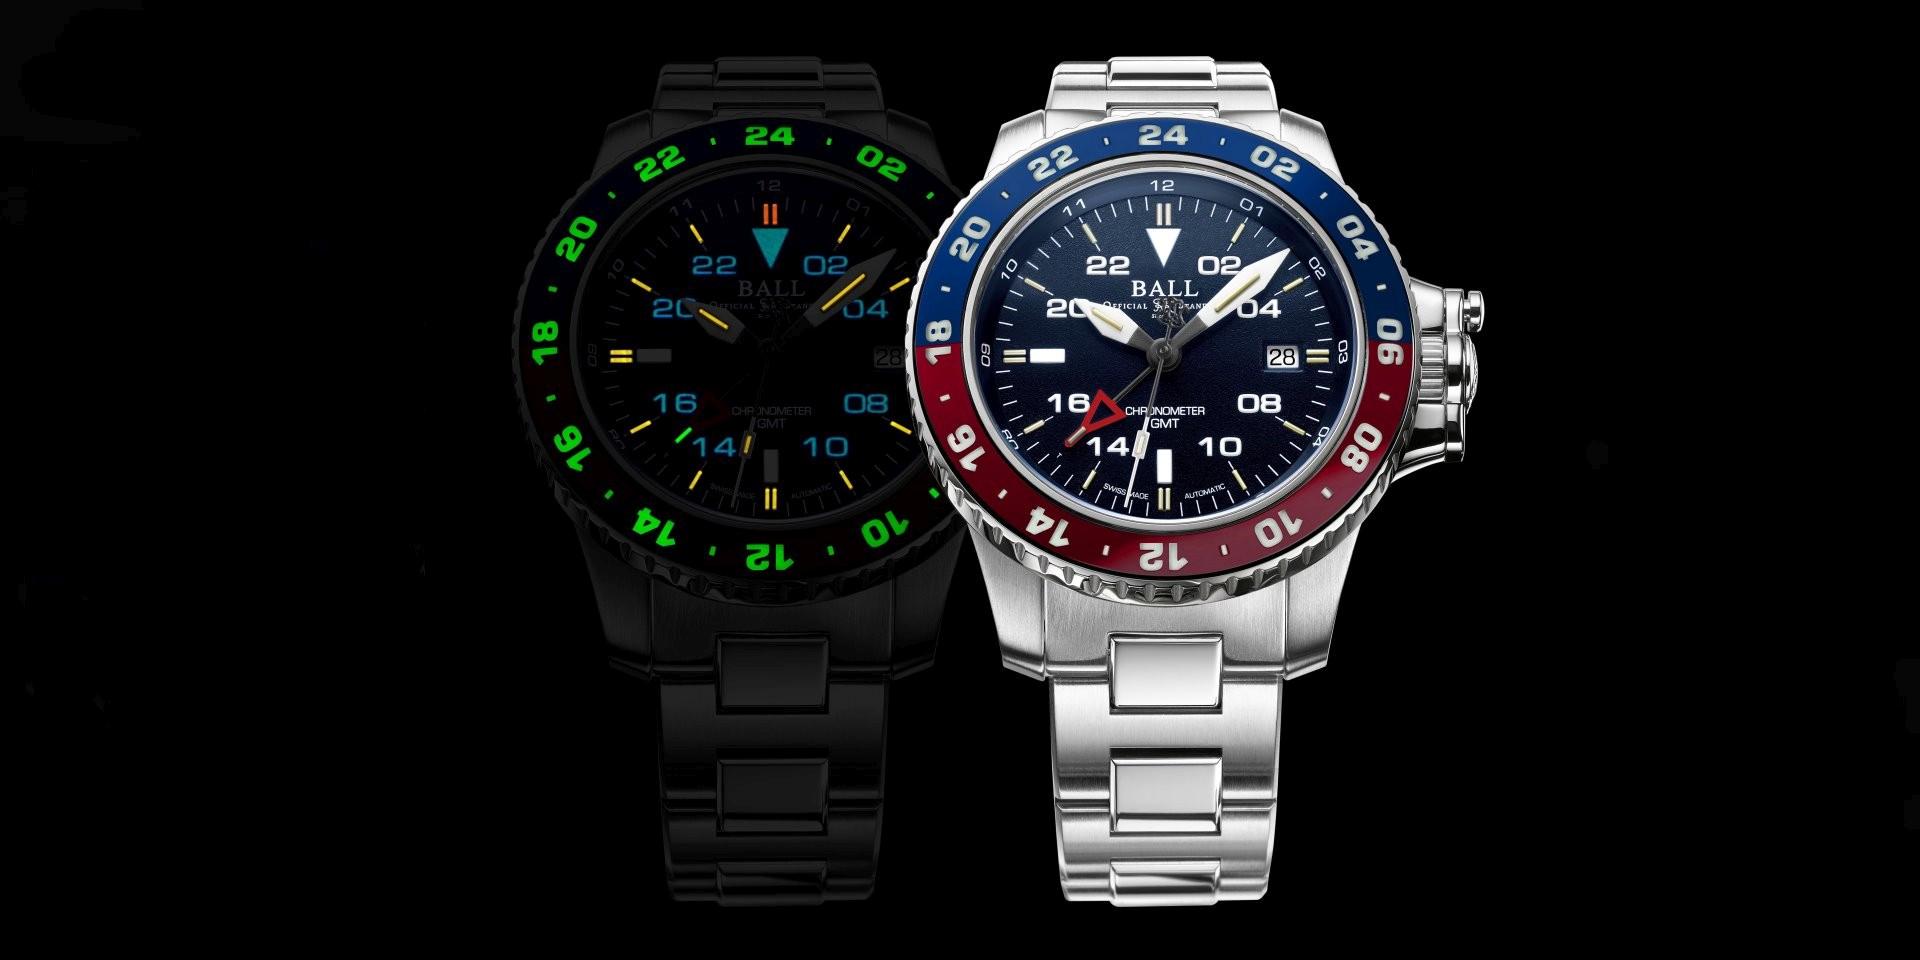 高飛上青天,暗夜更閃亮:BALL Watch Engineer Hydrocarbon AeroGMT II 於12日起在台南中國鐘錶公司及台中寶島鐘錶名店舉辦展售會